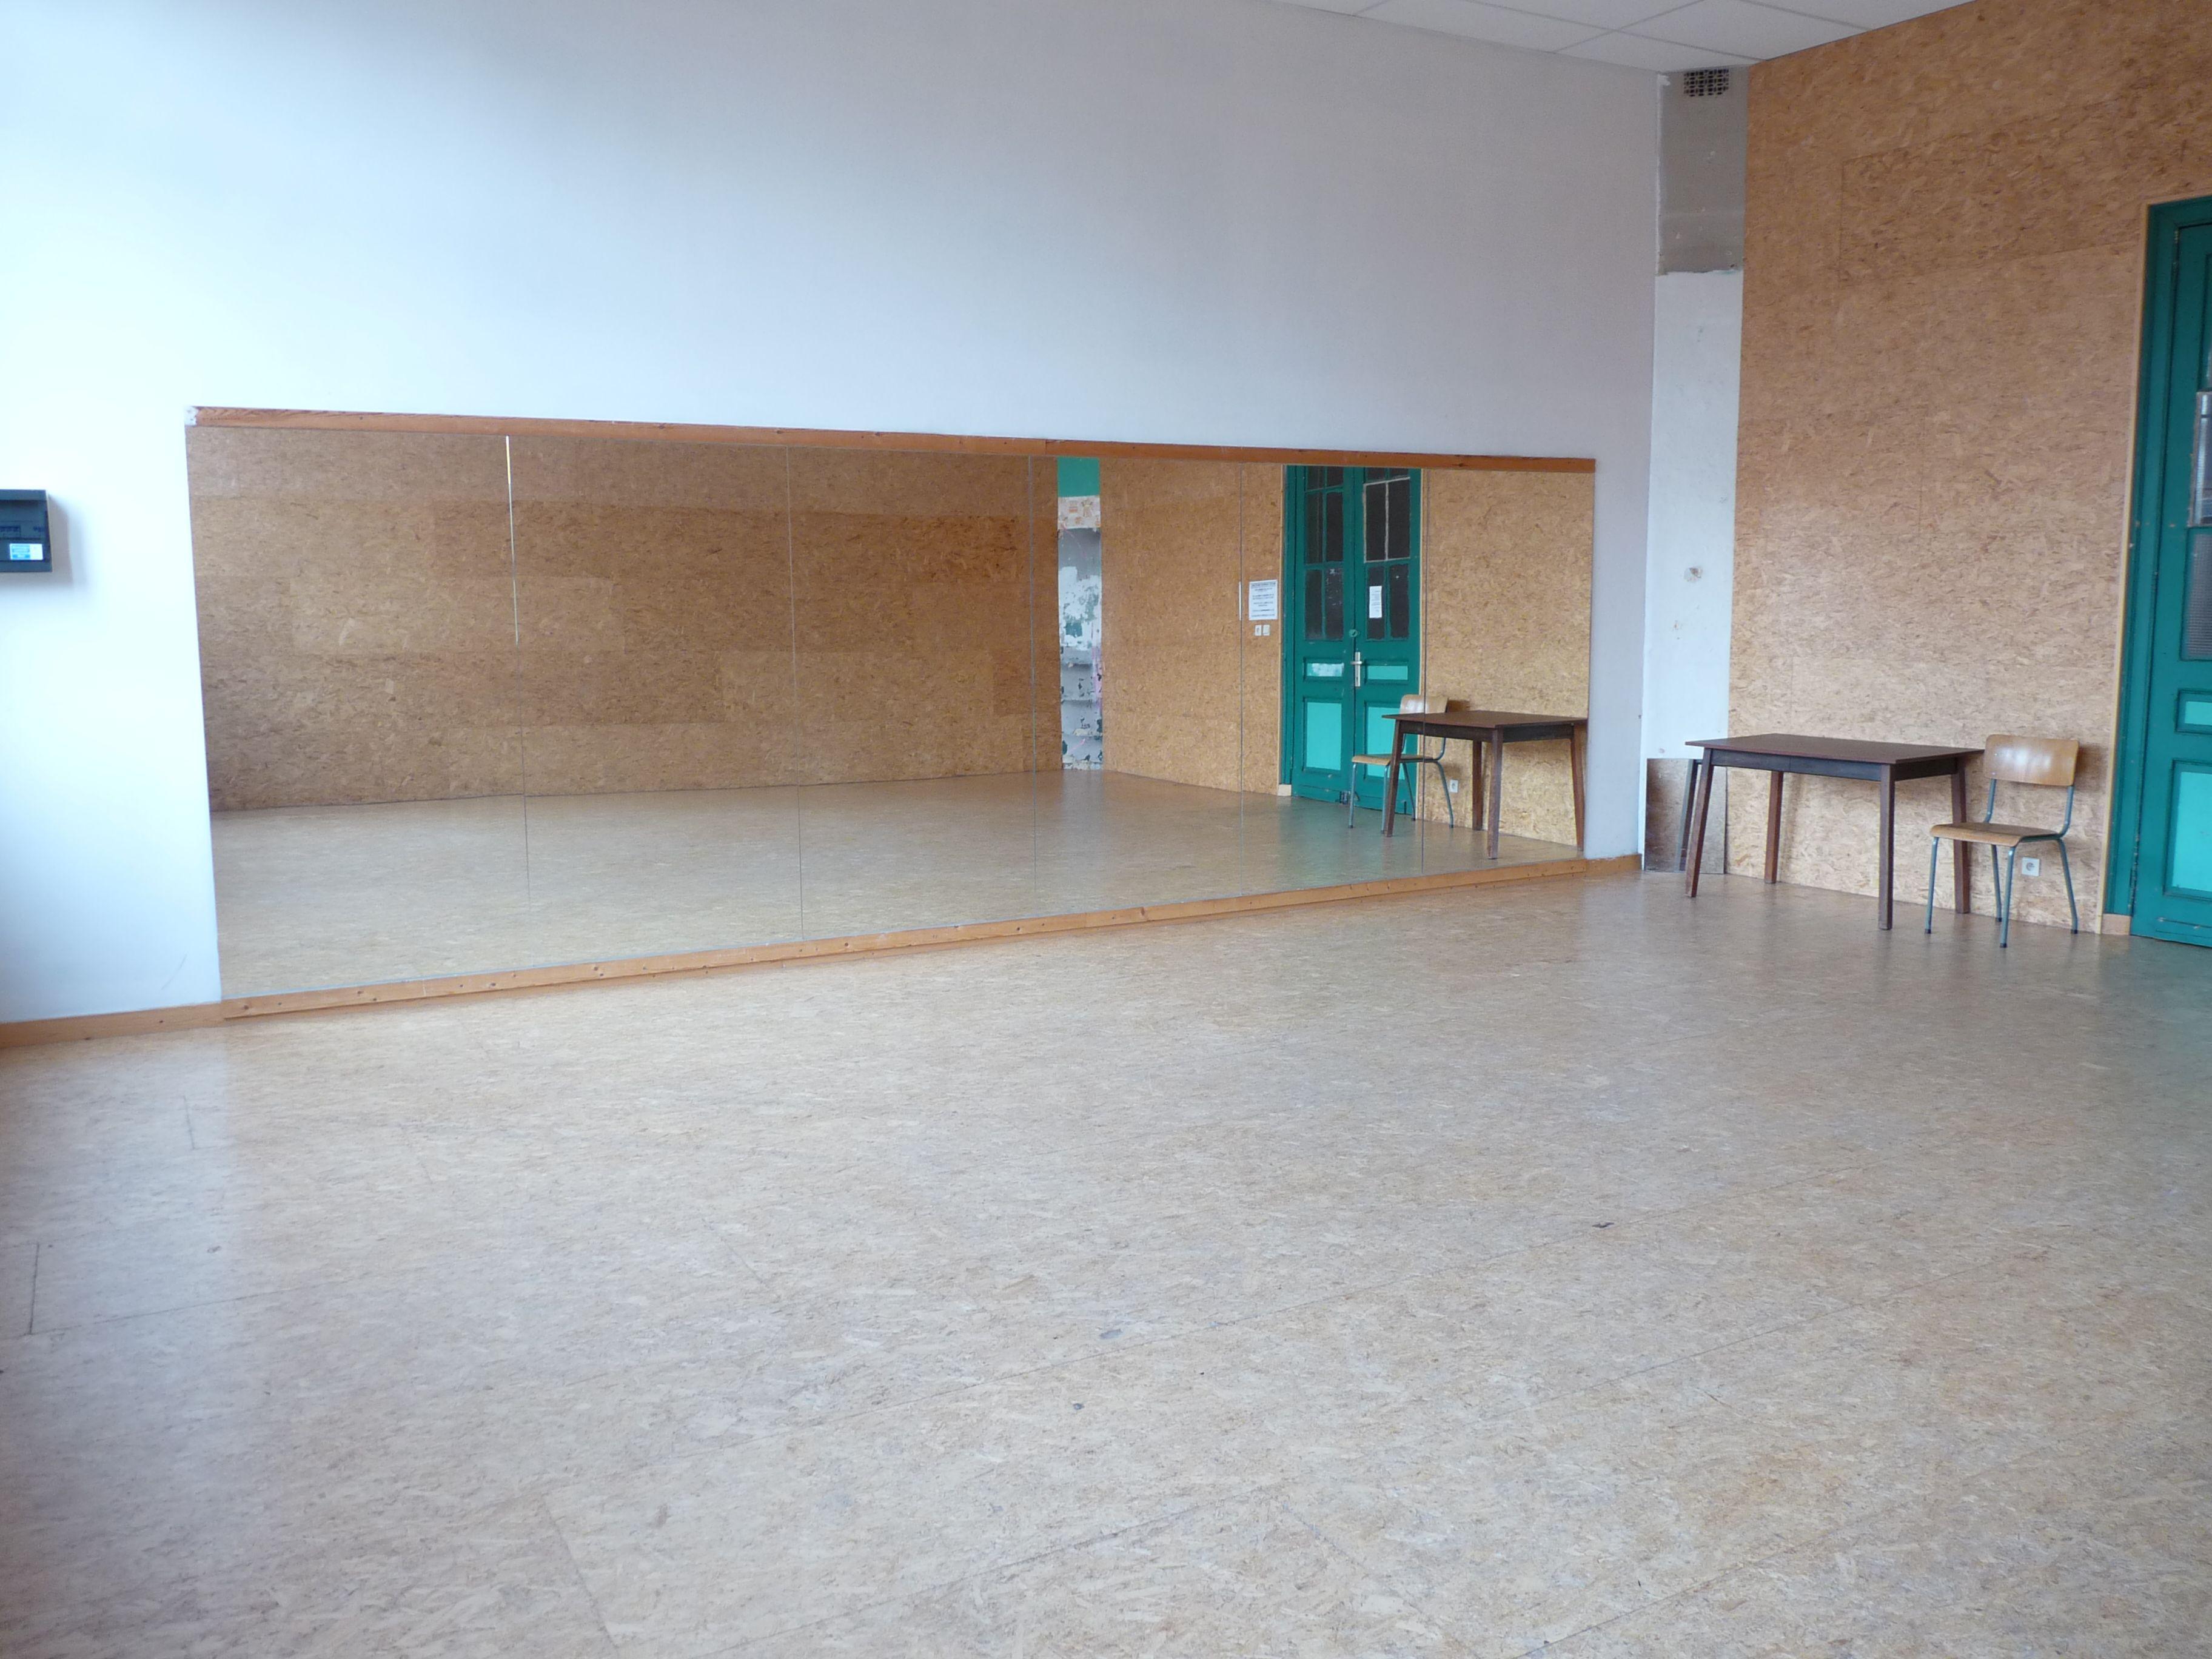 Marmoleum Vloer Verven : Underlayment vloer verven google zoeken vloeren table room